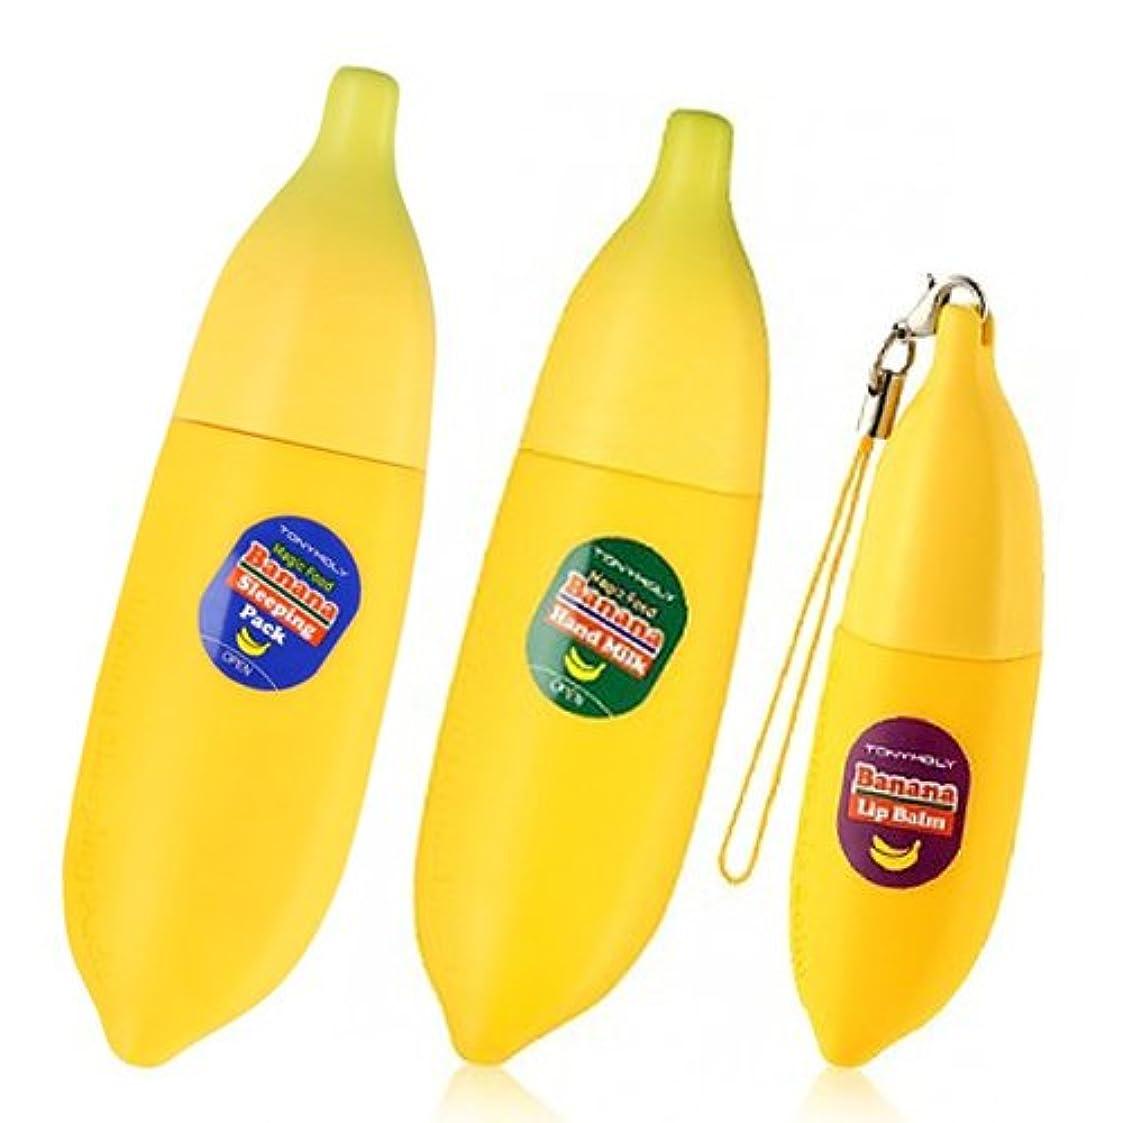 スペース勝者列挙するTONYMOLY (トニーモリ―) マジックフードバナナ3種類1セット(スリーピングパック+ハンドクリーム+リップバーム) Magic Food Banana of 3 Types (Sleeping Pack+Hand...